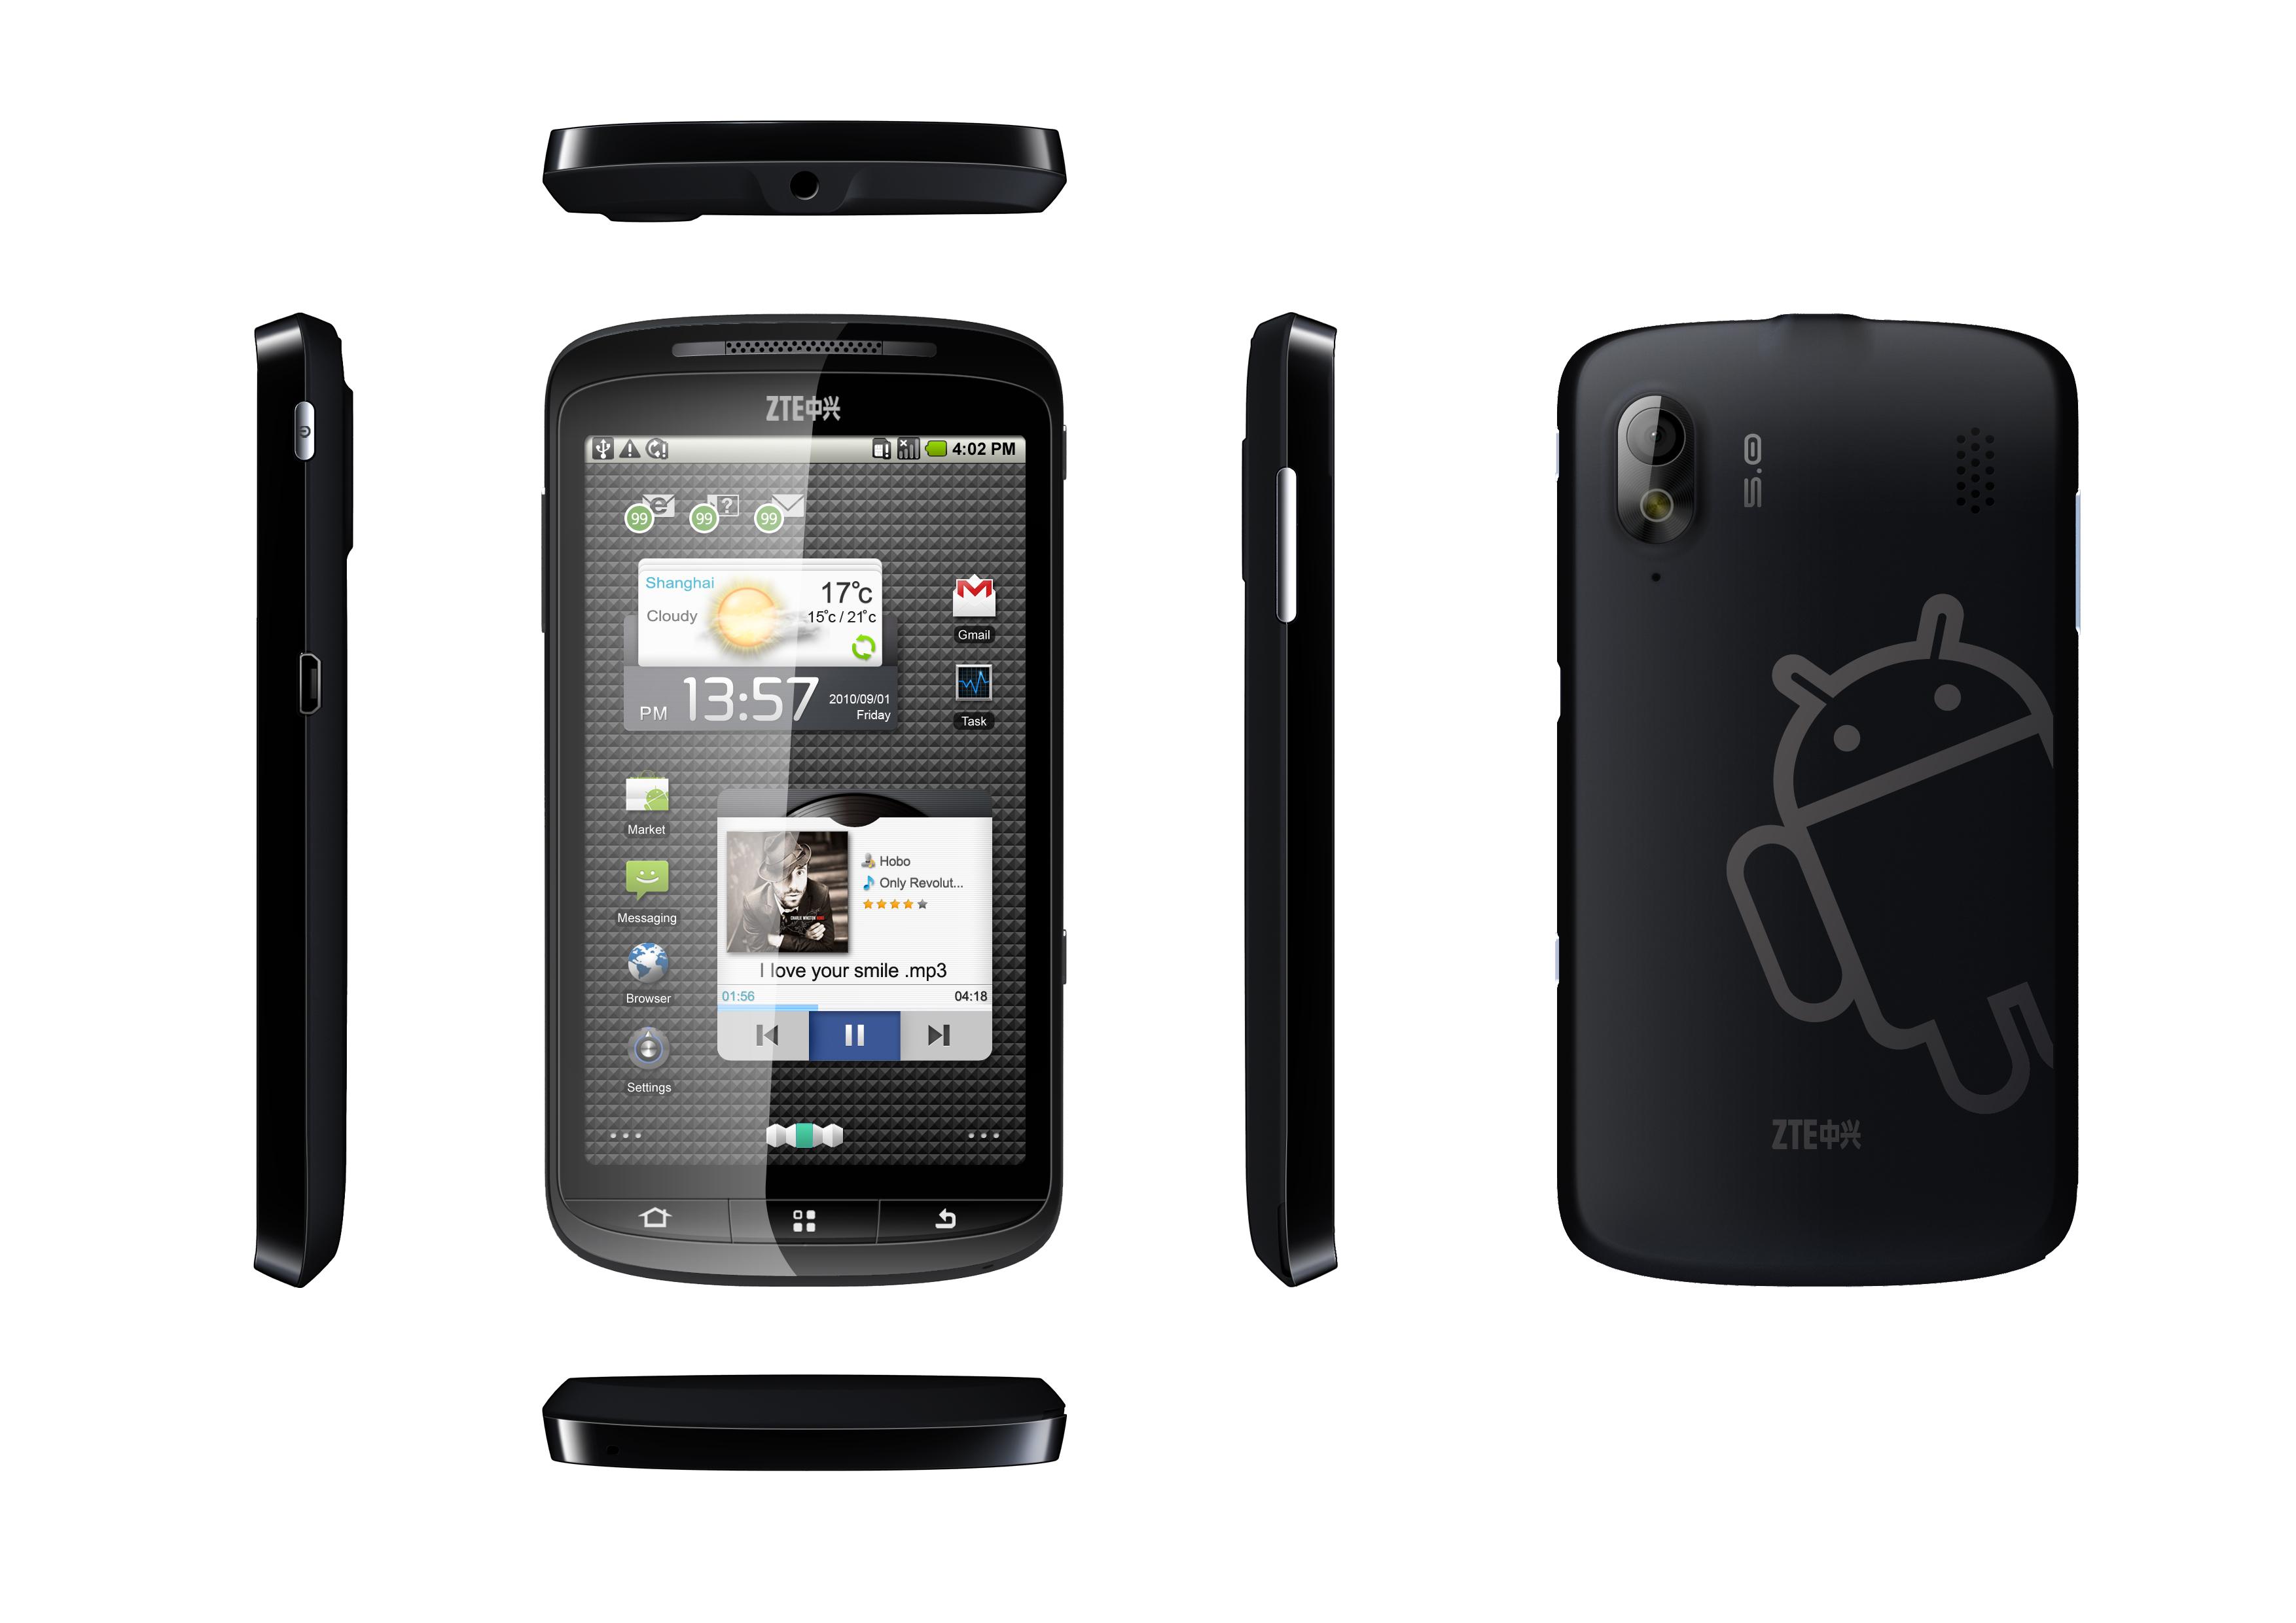 Skate - nowy flagowy telefon typu smartfon od ZTE ju� w sprzeda�y